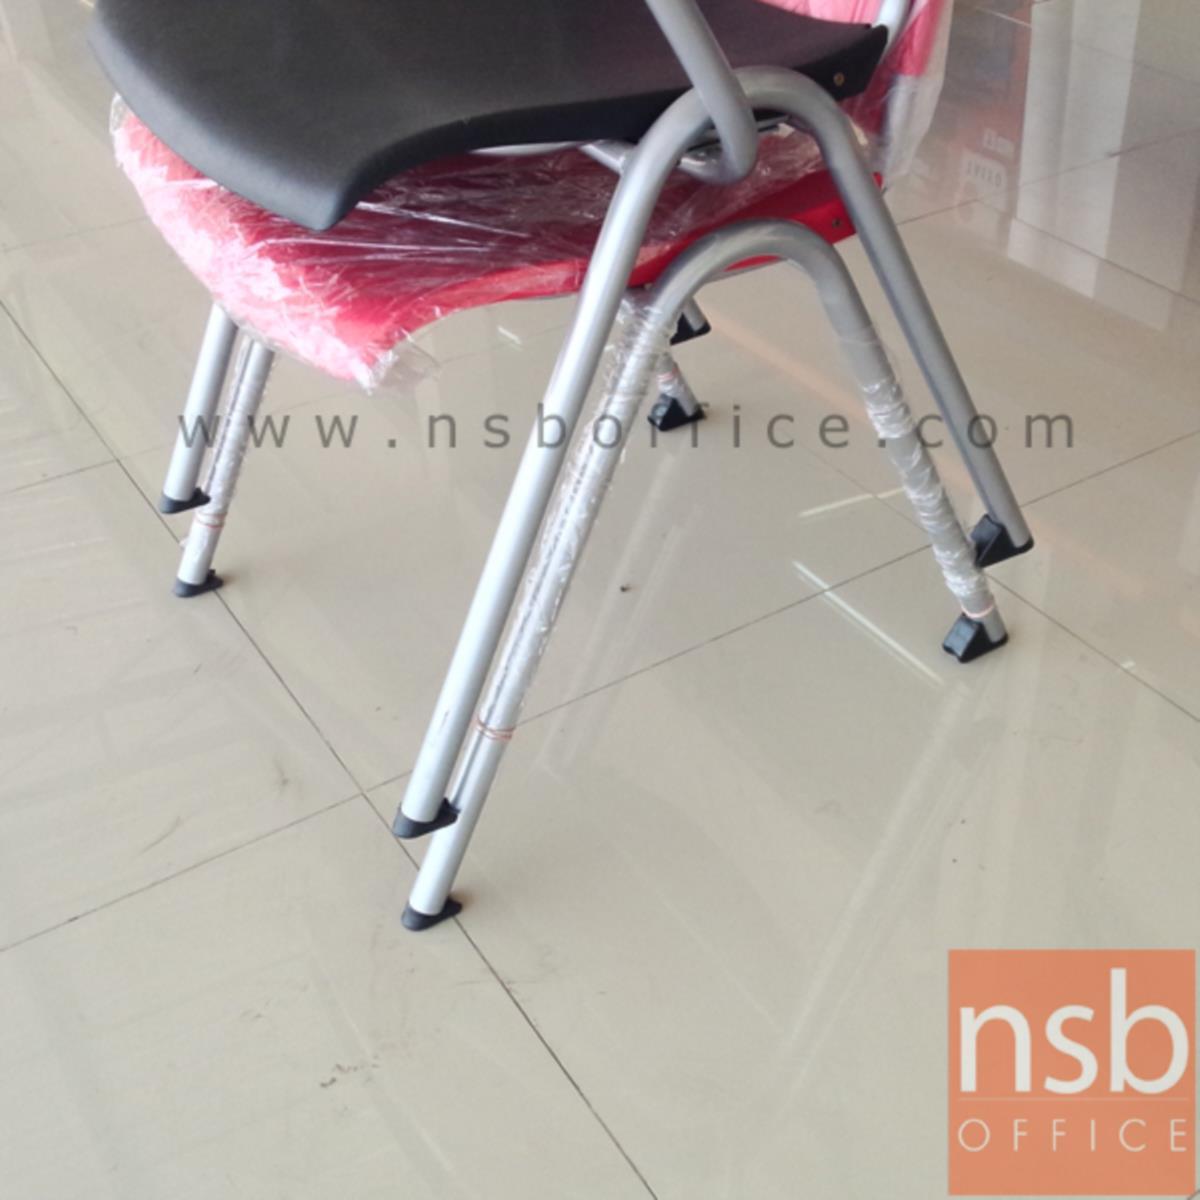 เก้าอี้อเนกประสงค์เฟรมโพลี่ รุ่น Mozen (โมเซน)  ขาเหล็กพ่นสี epoxy